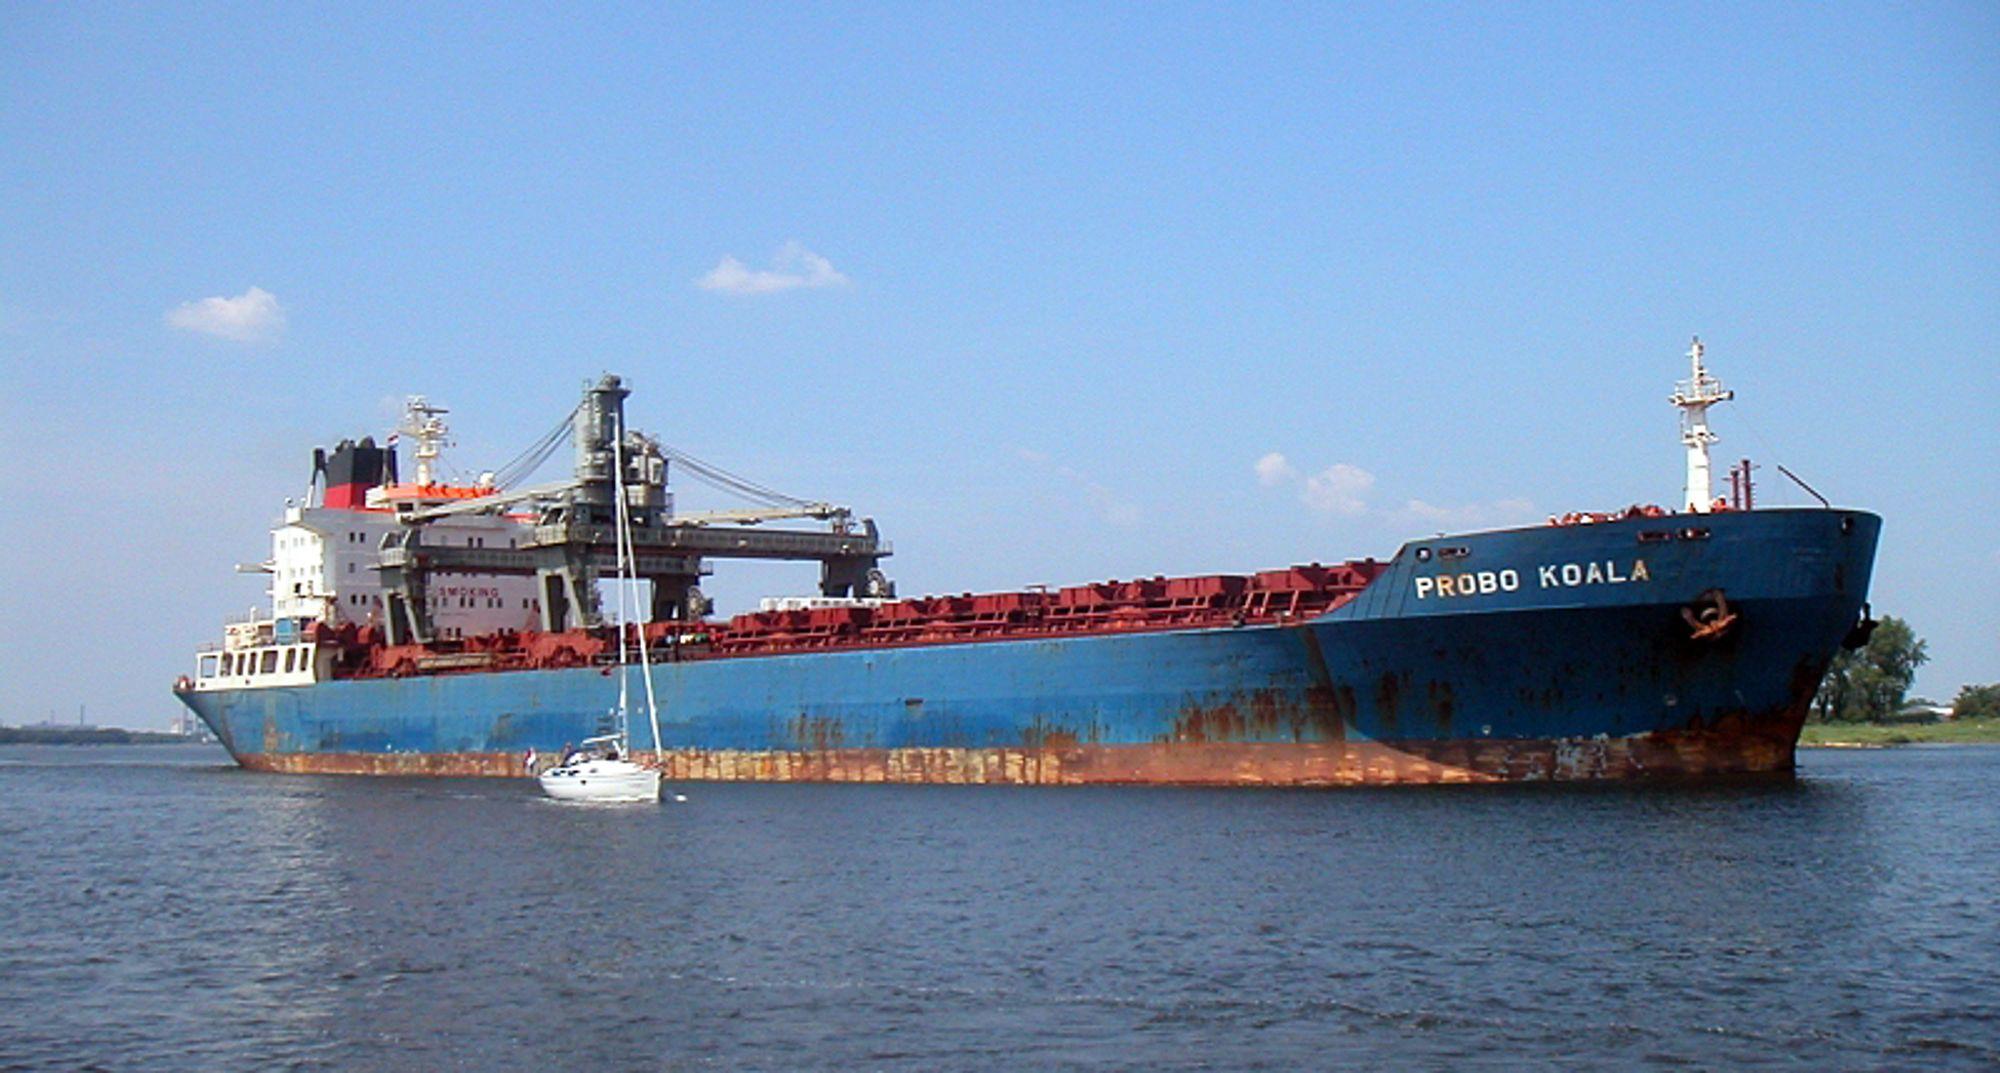 """""""Probo Koala"""" var chartret av Trafigura da skipet kvittet seg giftig avfall i Elfenbenkysten i august 2006. Samme type avfall gikk i lufta i Gulen der søsterskipet """"Probo Emu"""" hadde vært på visitt."""